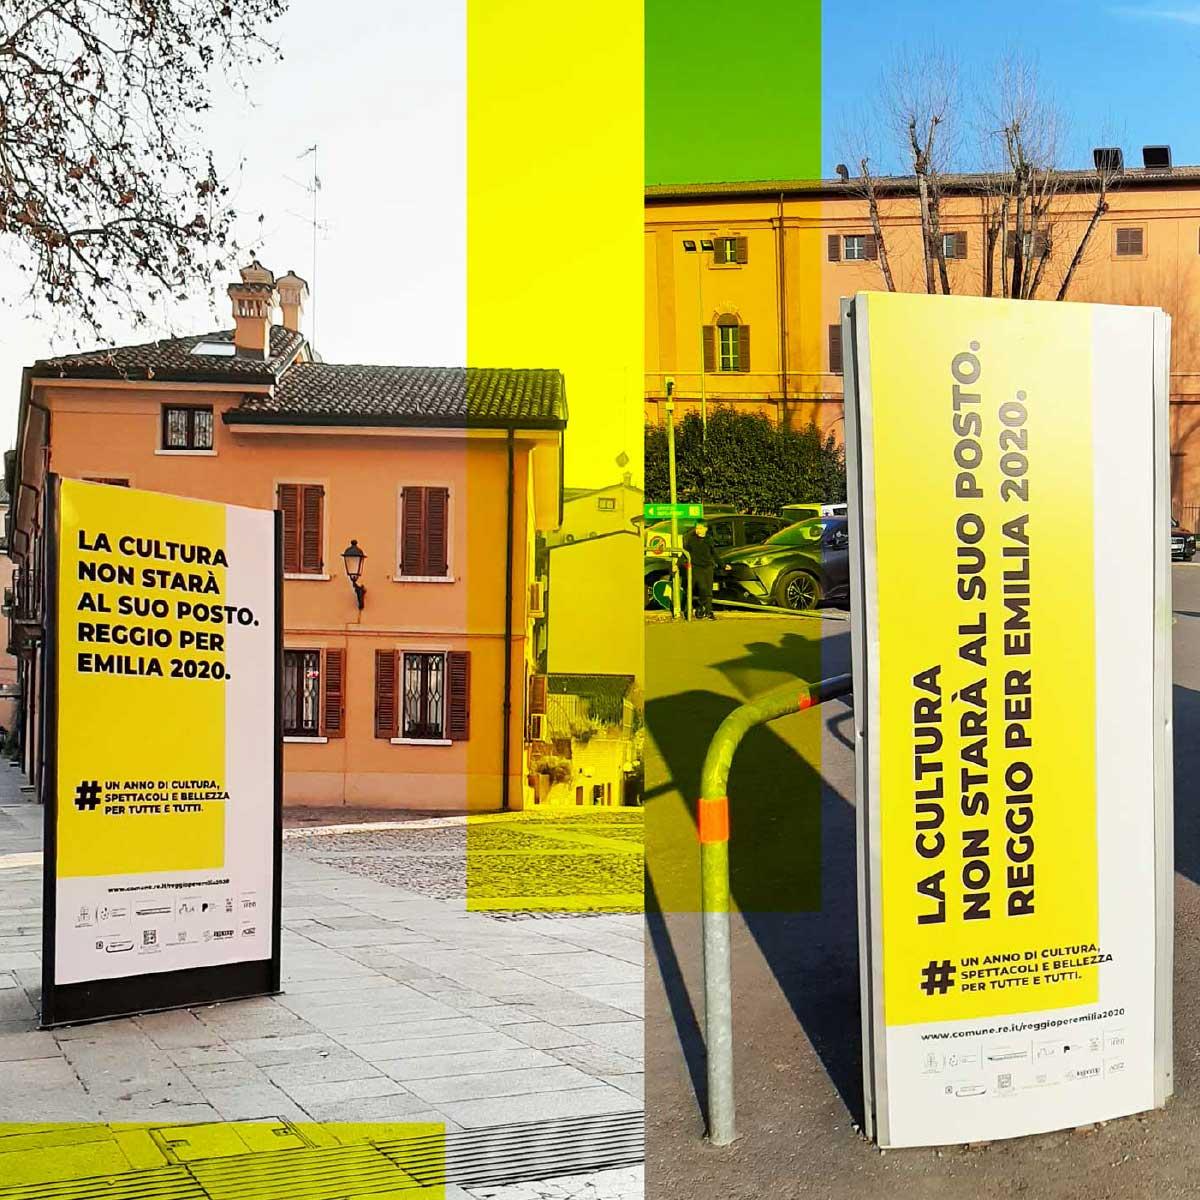 Reggio per EMILIA 2020 Happy Minds ADVERTISING_-2-orz